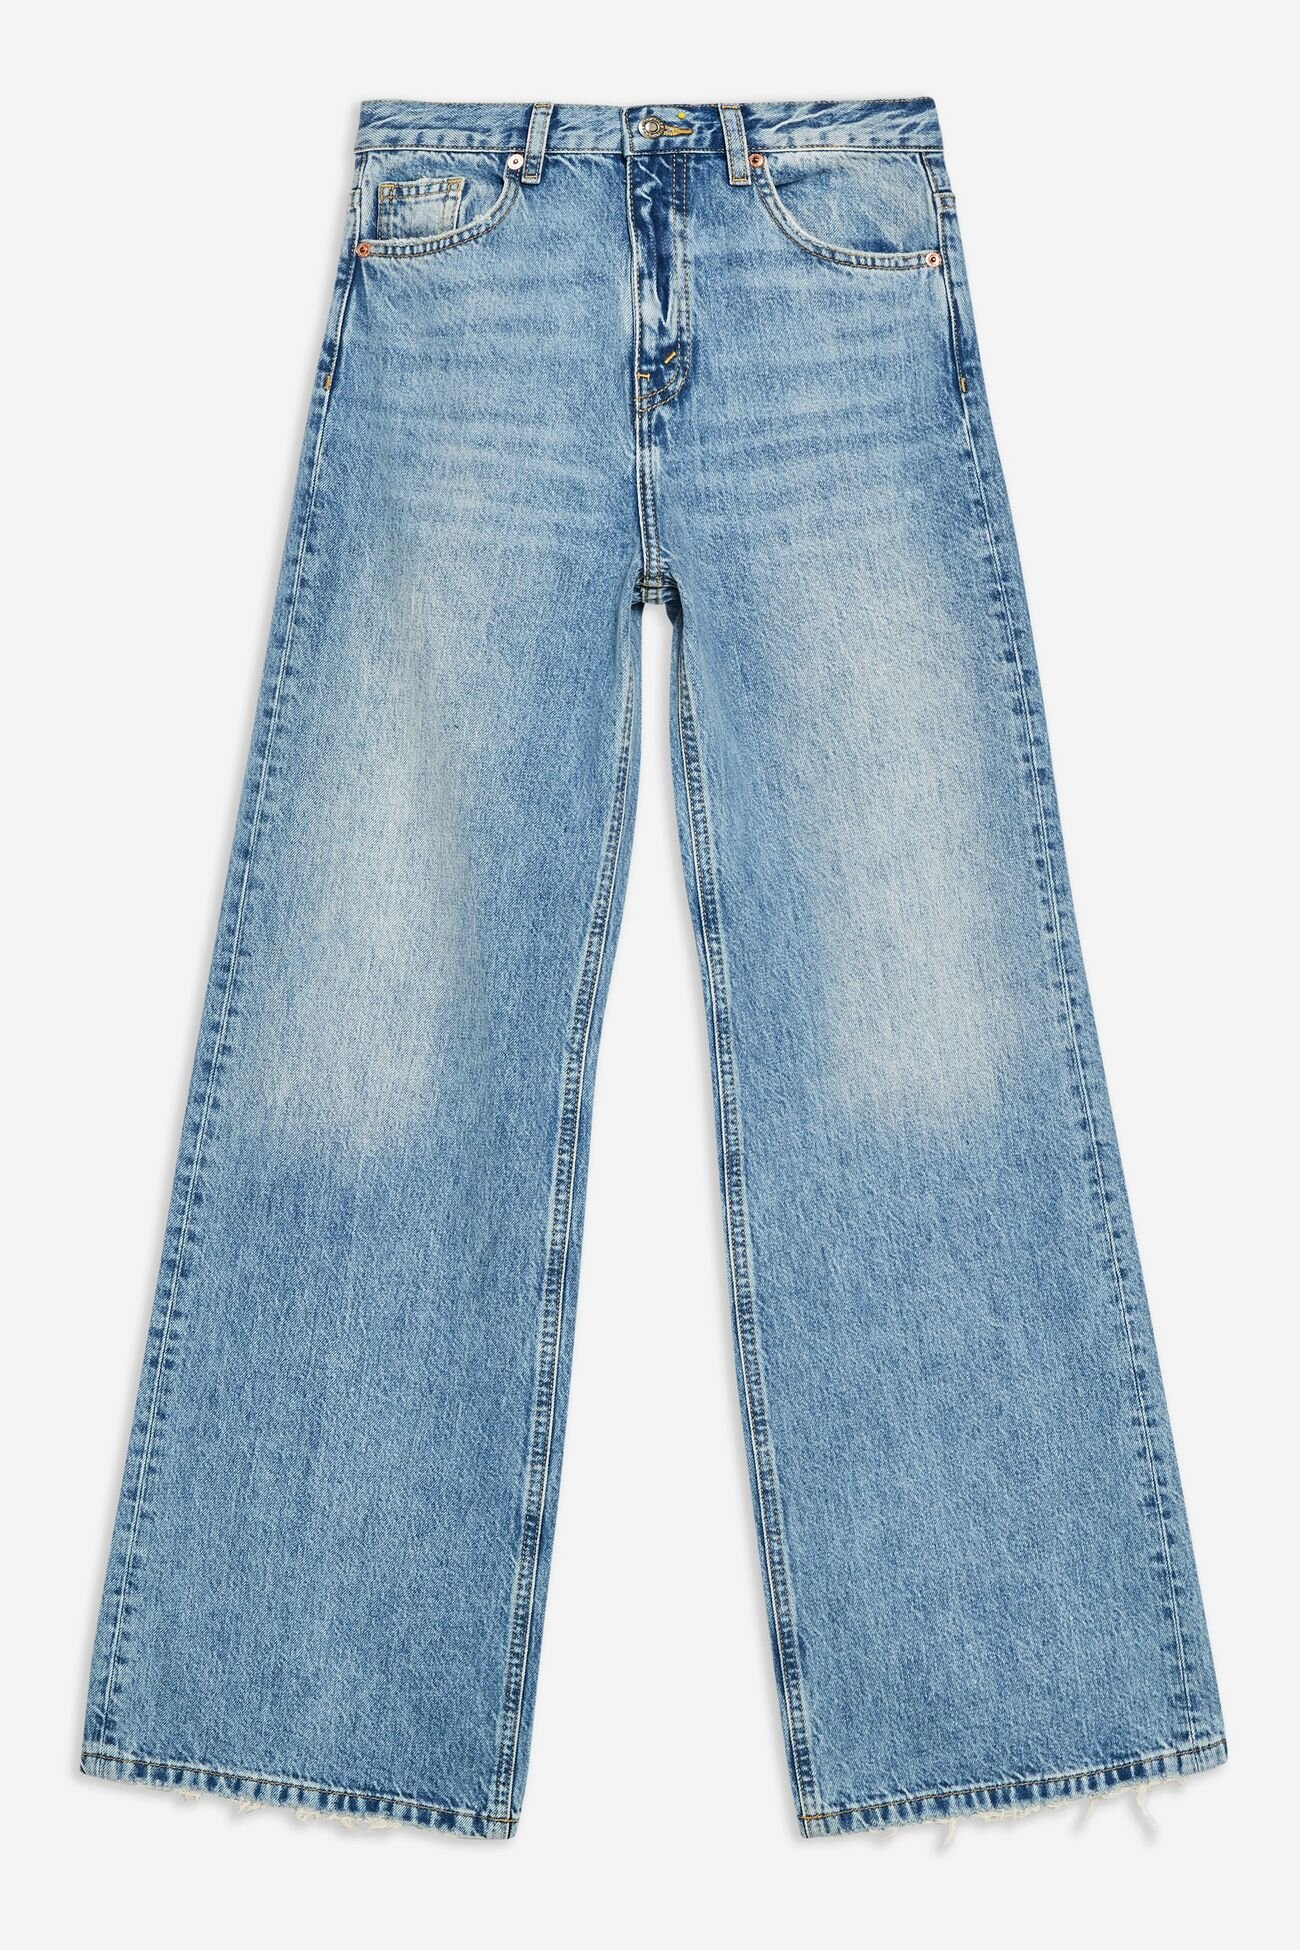 Topshop Wide Leg Jeans